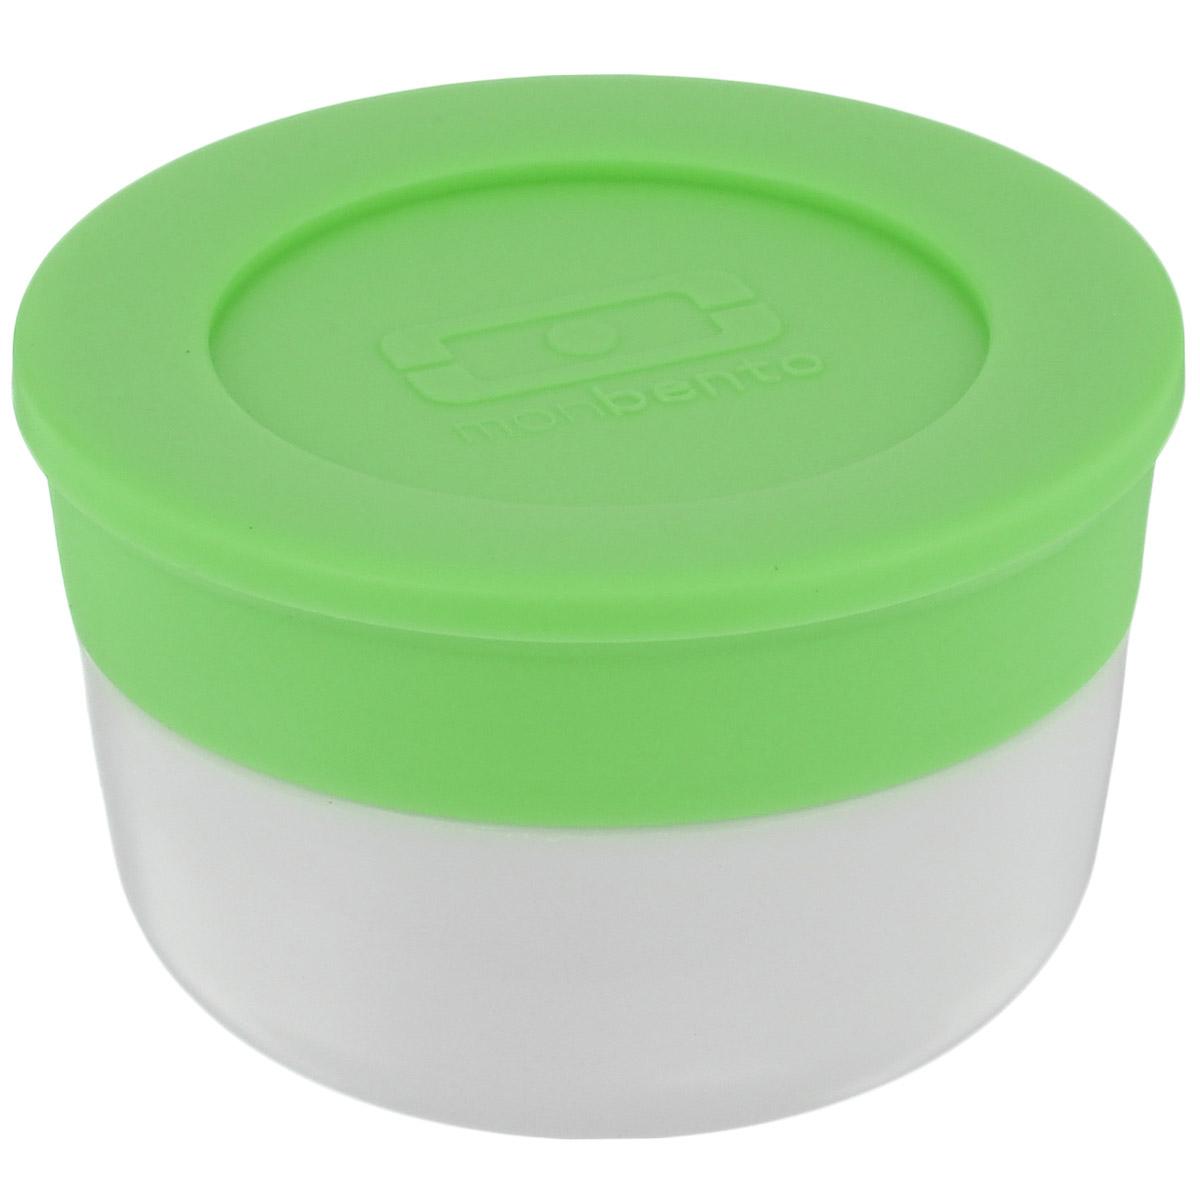 Соусница Monbento MB Temple, с крышкой, цвет: белый, зеленый, диаметр 5 см, 28 мл1005 02 005Соусница с крышкой Monbento MB Temple - удобное дополнение к ланч-боксу, которое позволит заправить соусом салат или гарнир прямо перед едой. Соусница изготовлена из полипропилена и имеет герметичную плотно закручивающуюся силиконовую крышечку. Идеально помещается в ланч-бокс от Monbento, занимая минимум места. Можно мыть в посудомоечной машине, а также хранить в морозильной камере.